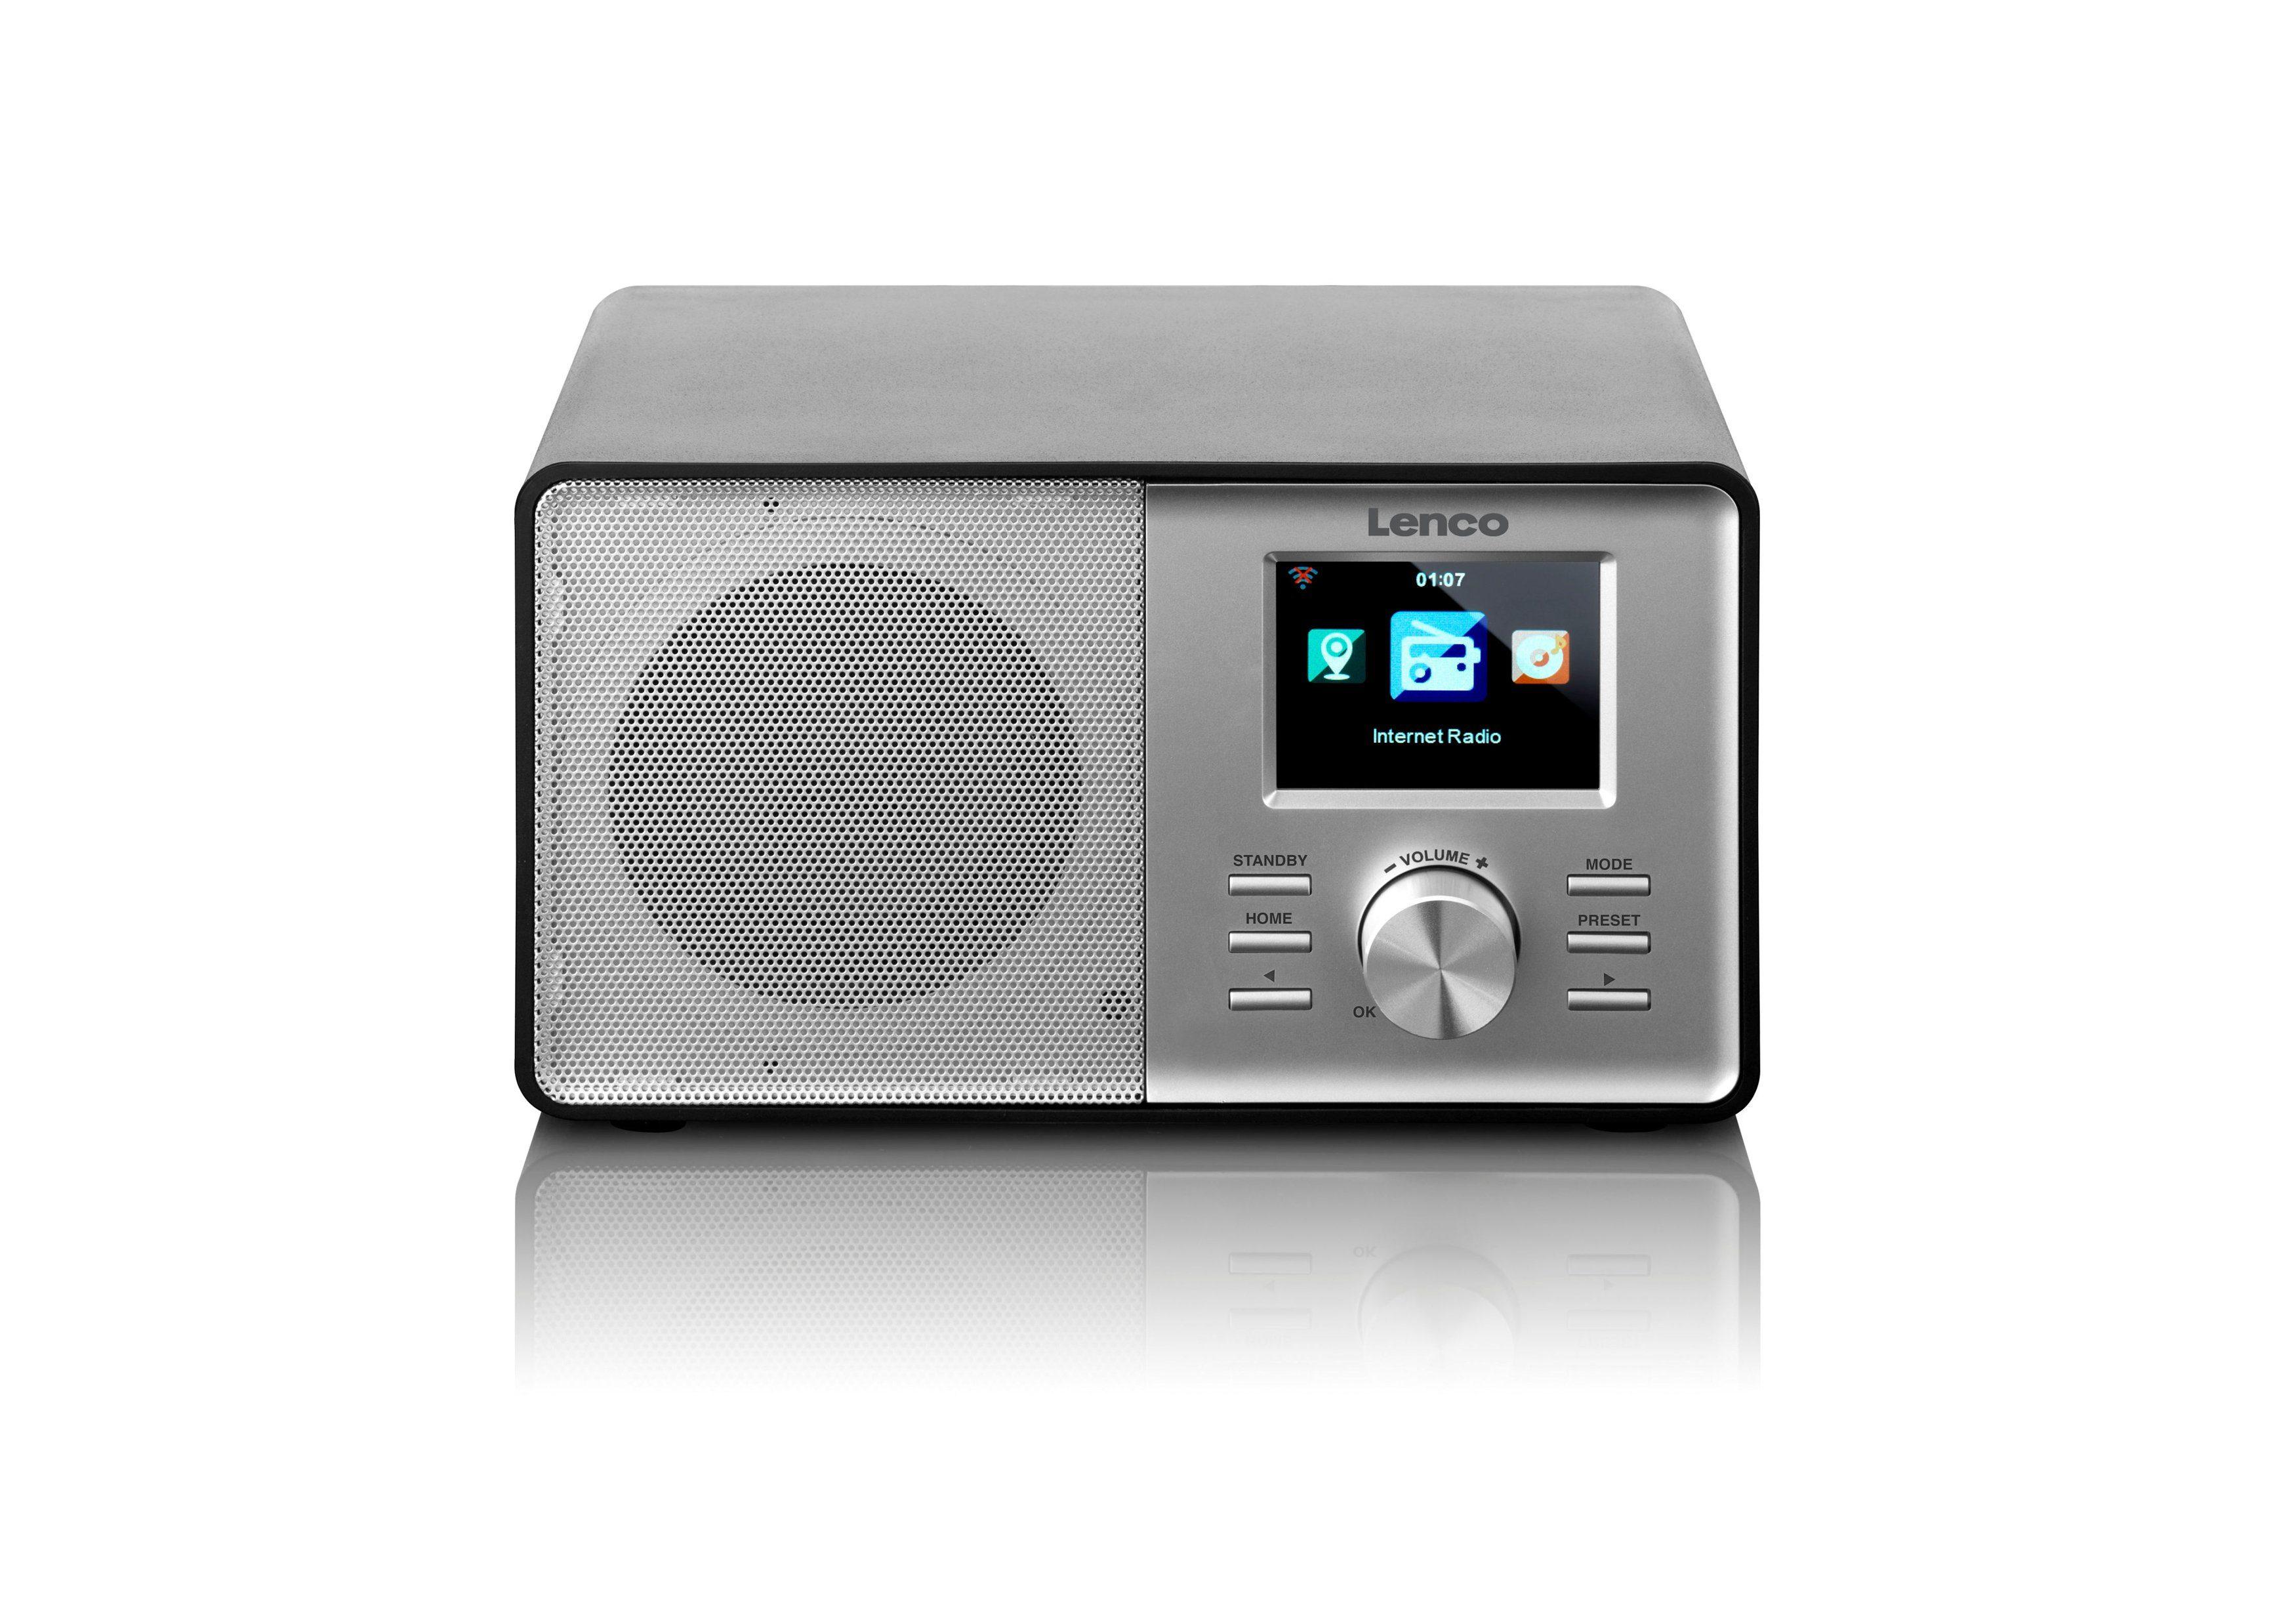 Lenco Internetradio & FM-Radio mit RDS-Funktion »CR-2003«